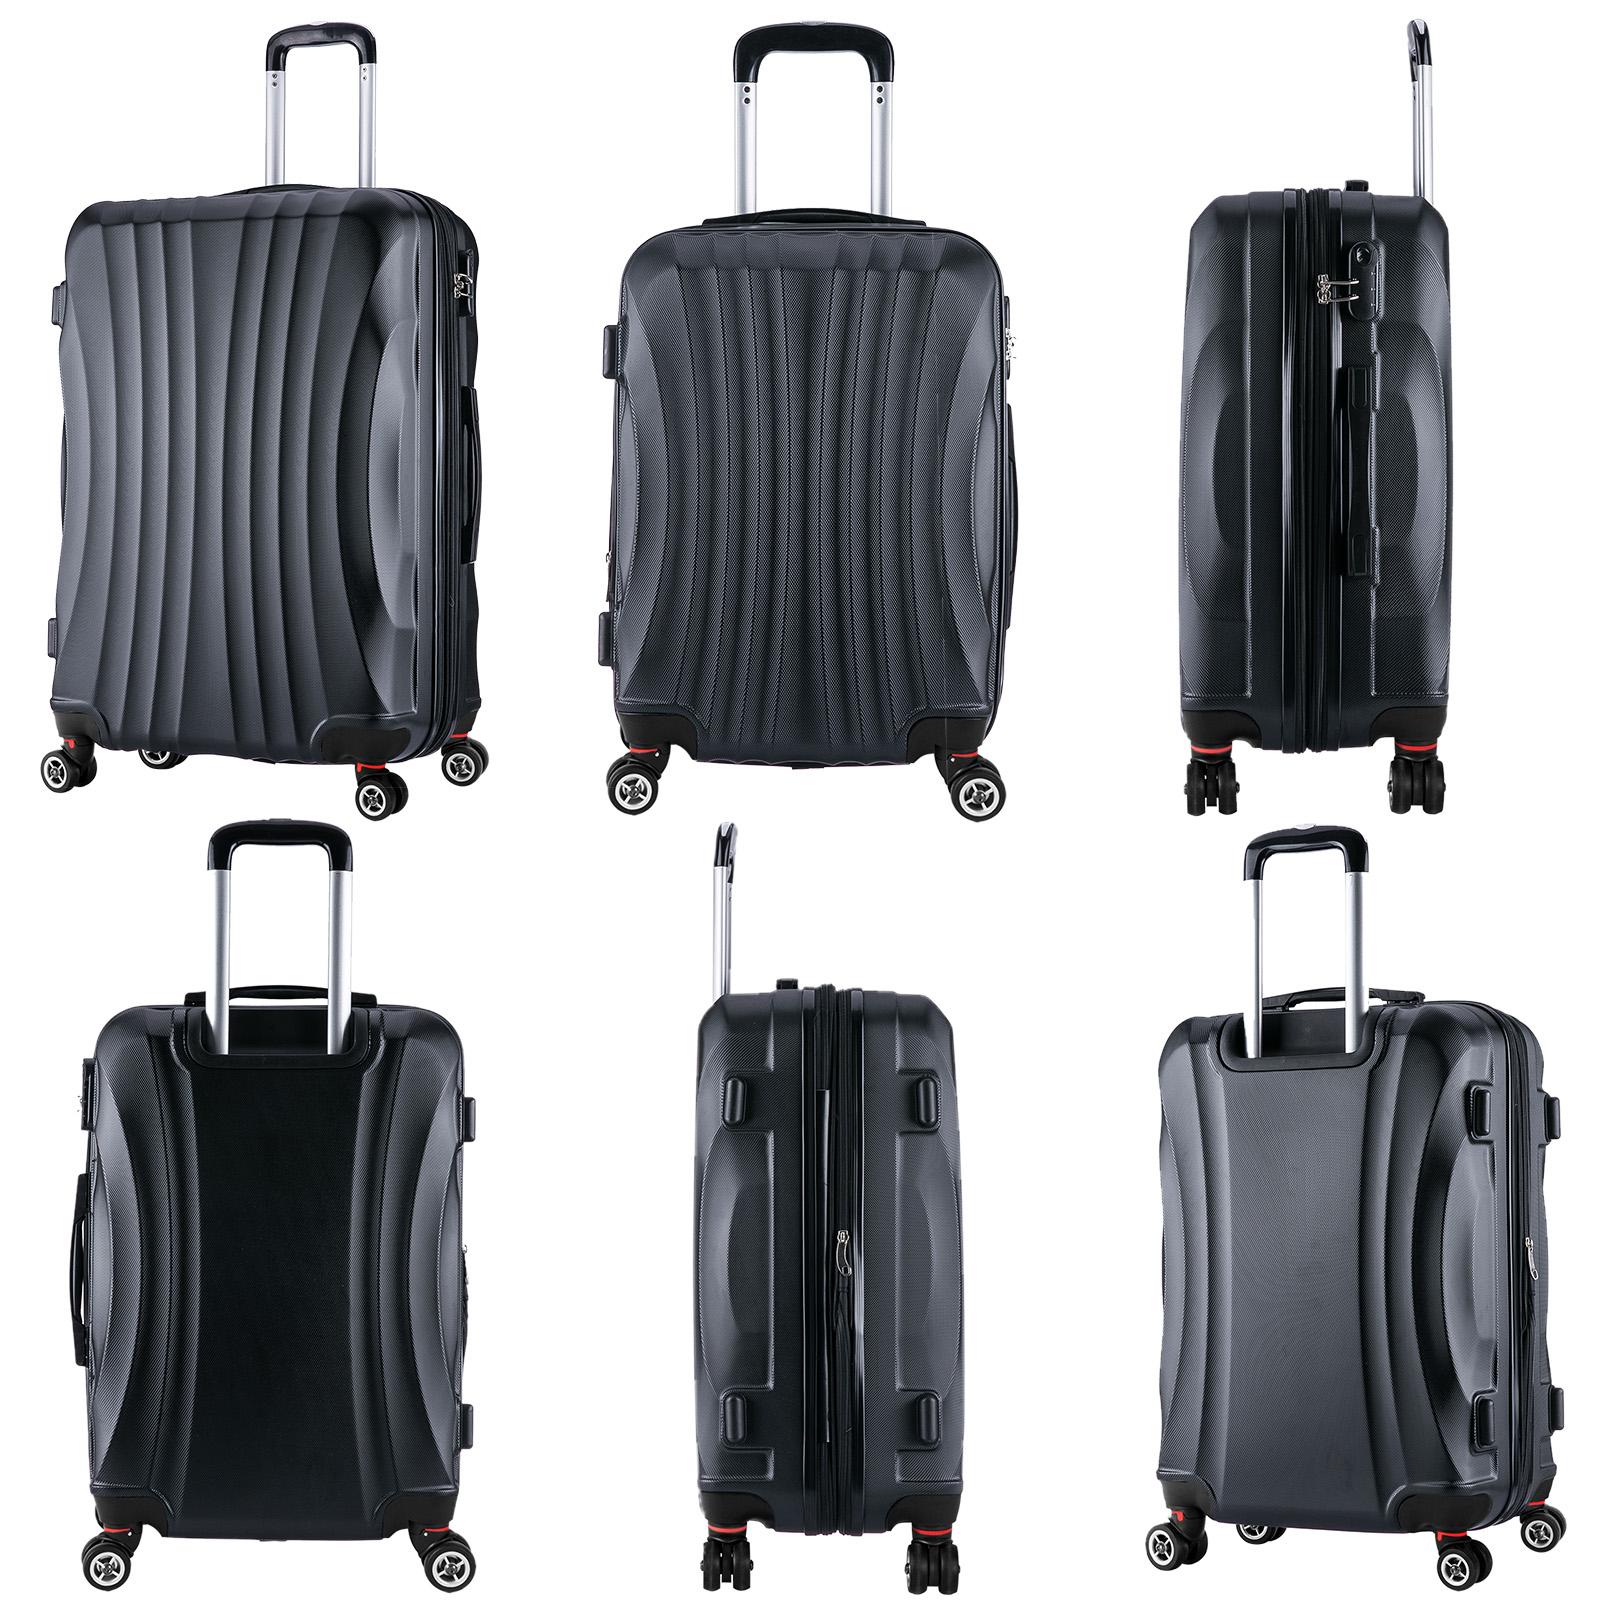 reisekoffer harschale 4 rollen aus premium abs leicht. Black Bedroom Furniture Sets. Home Design Ideas